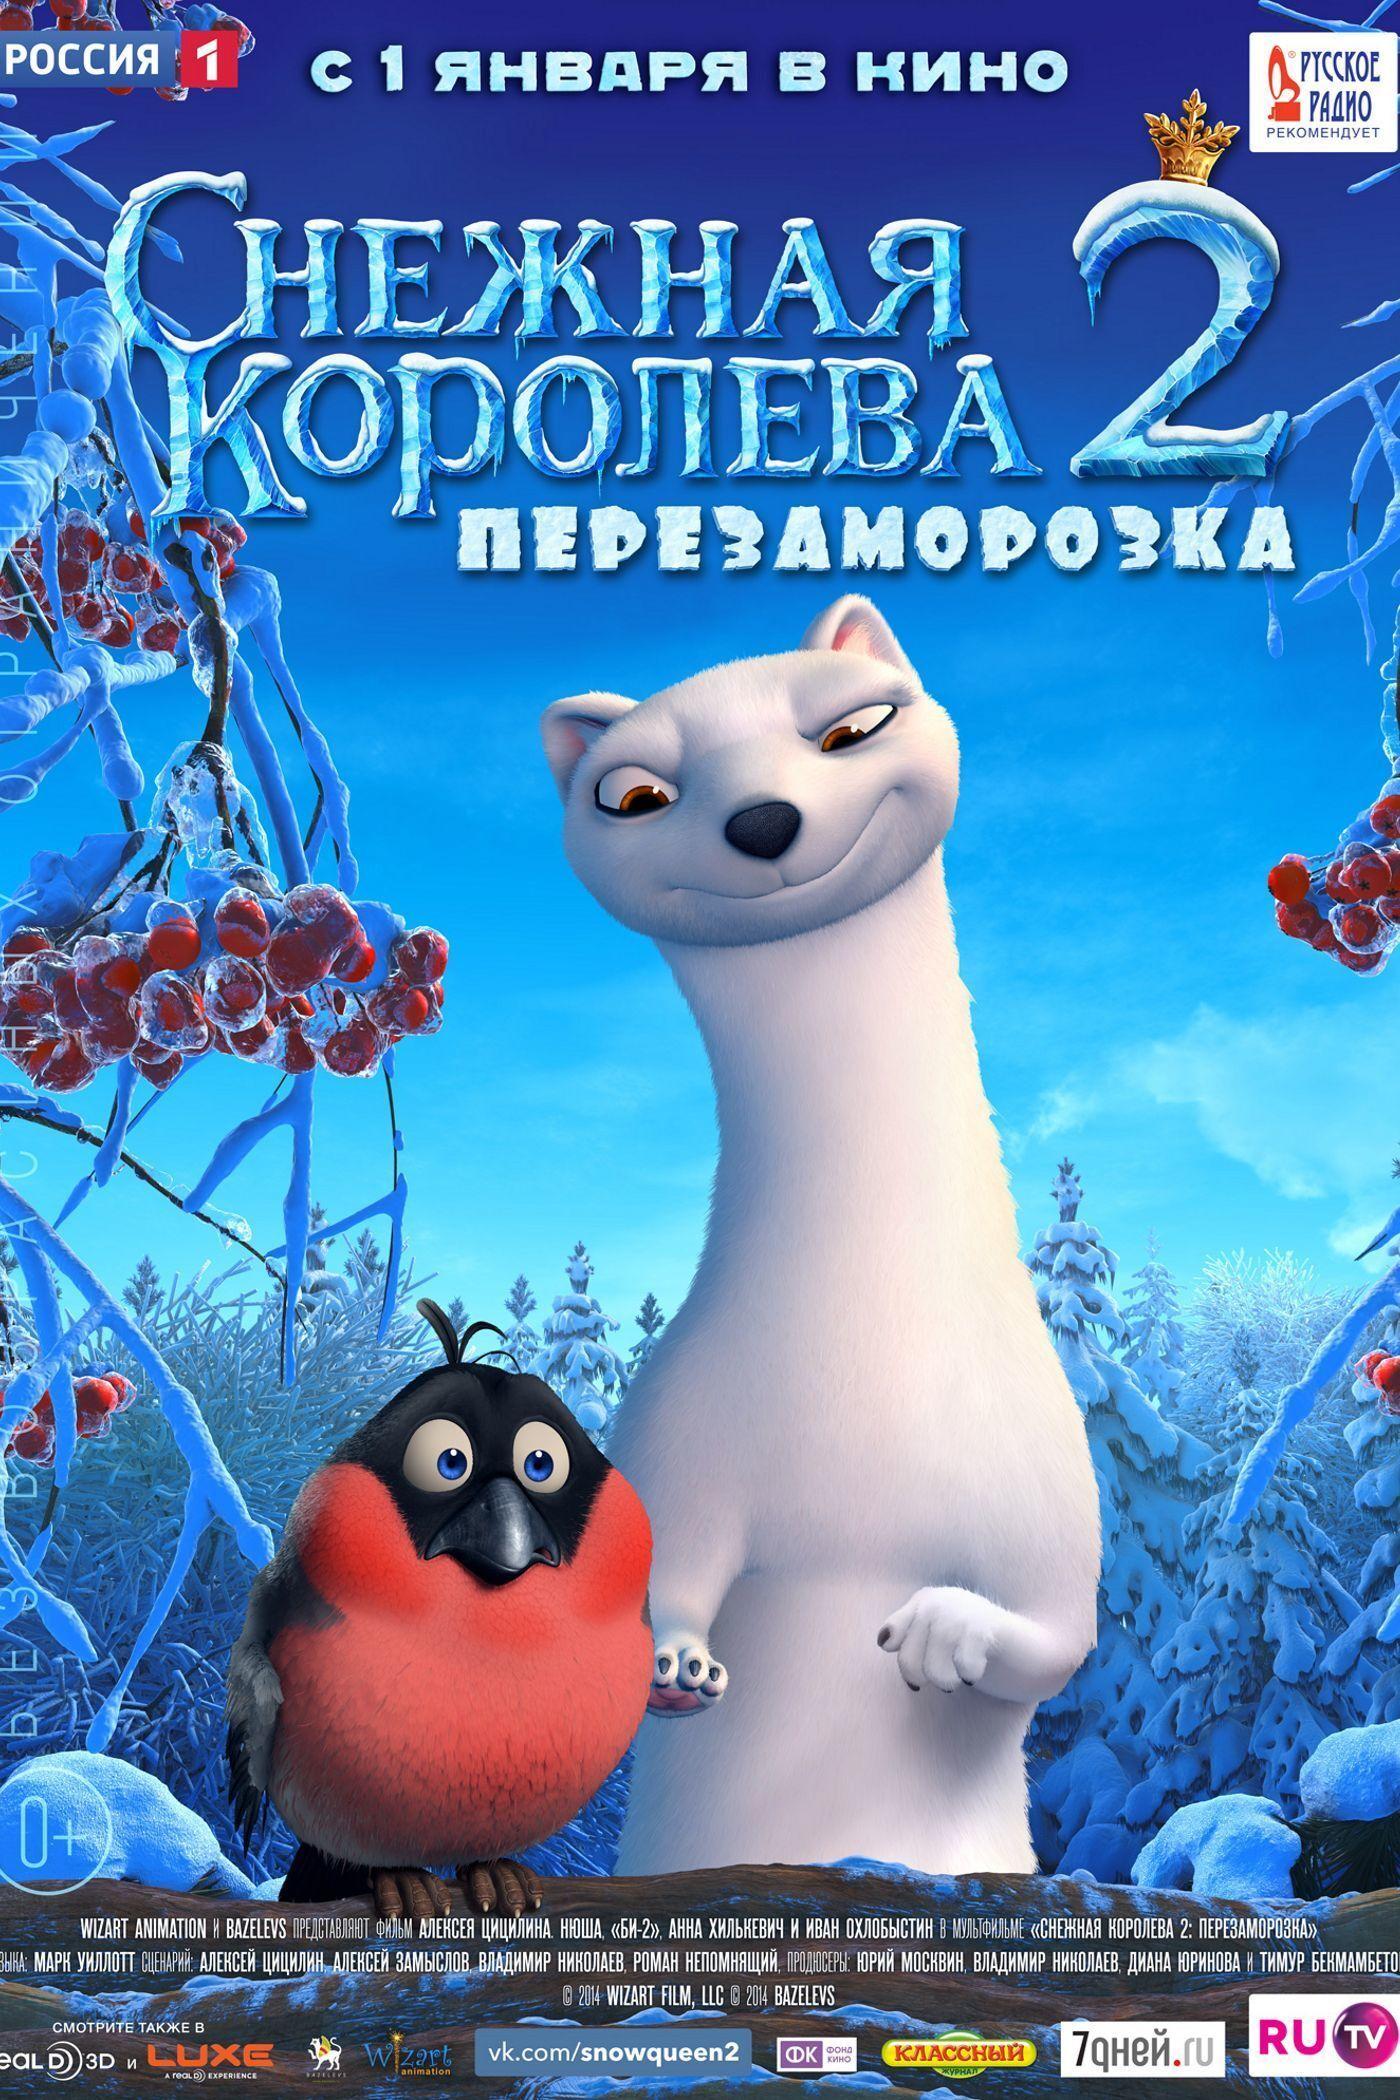 Affiches et pochettes la reine des neiges 2 le miroir sacr de aleksey tsitsilin - Les reines des neiges 2 ...